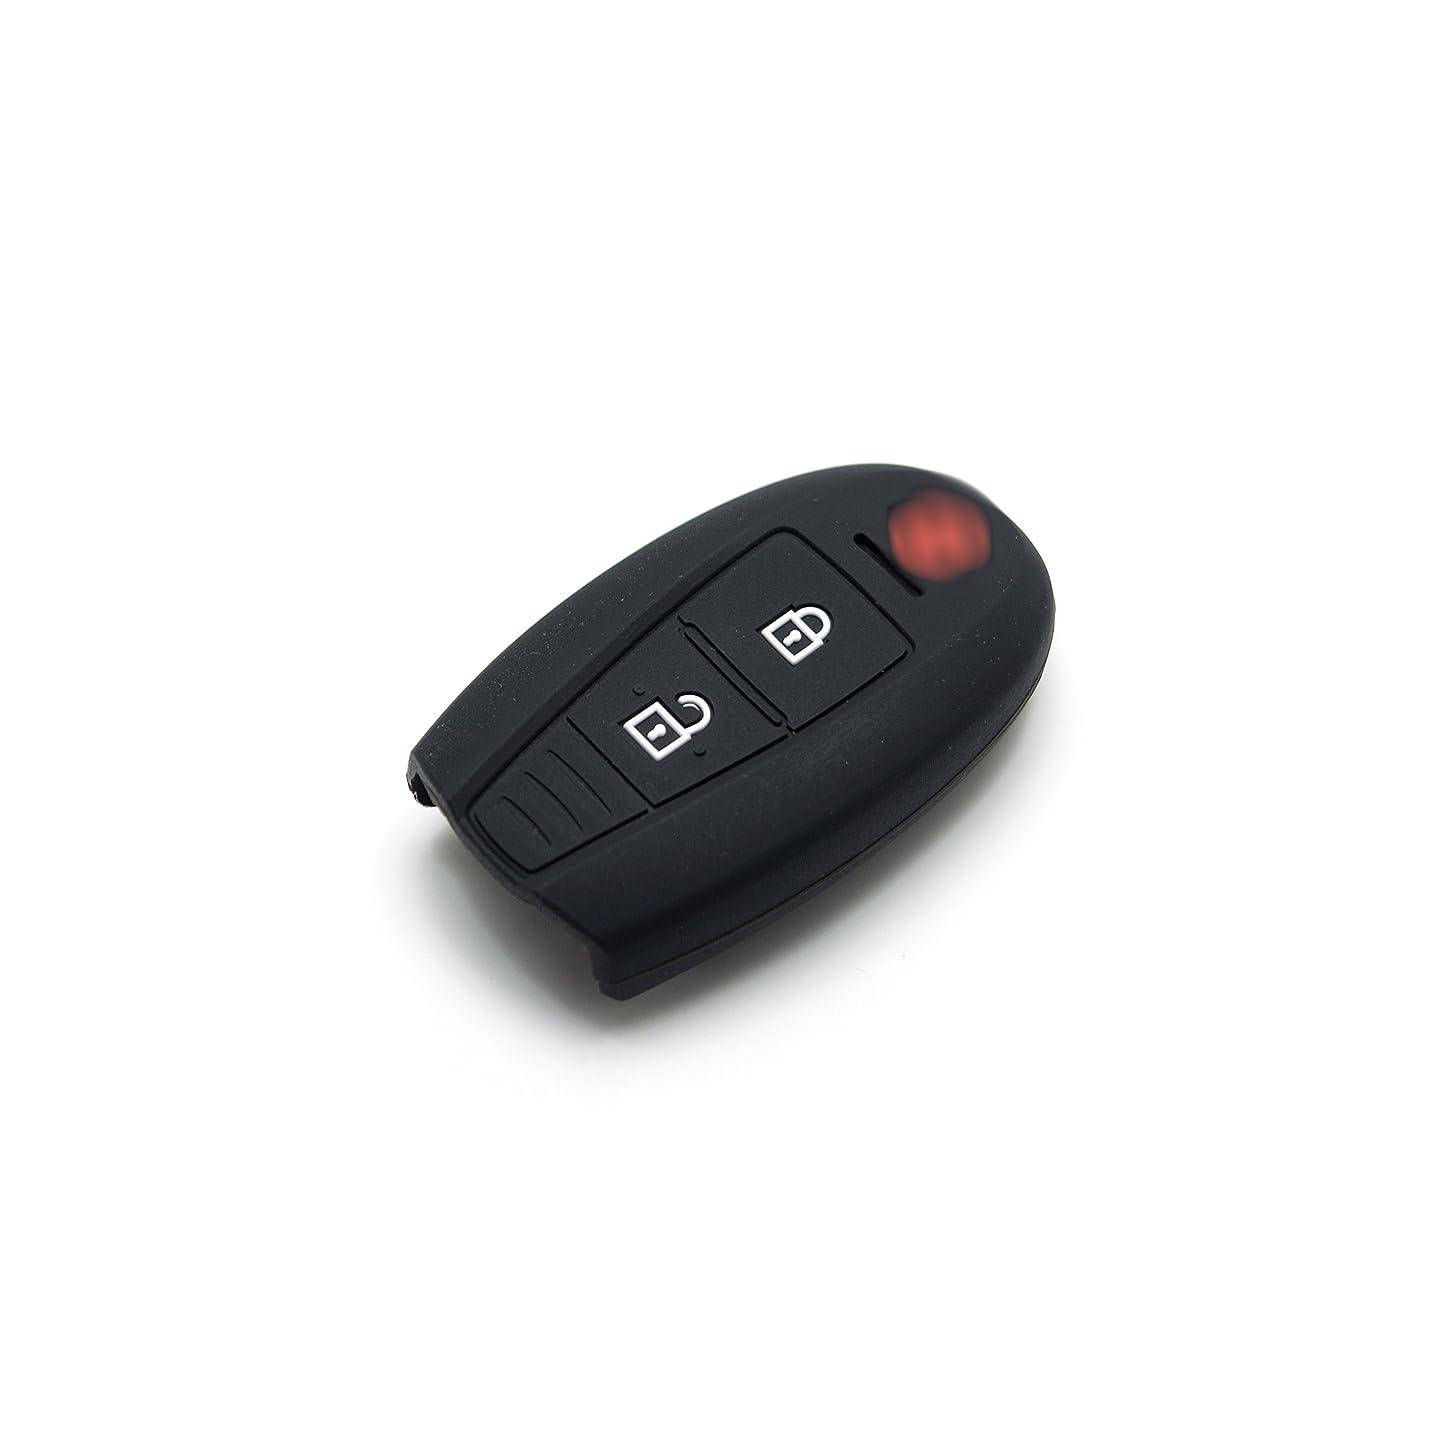 Suzuki Silicone Protecting Remote Key Case Cover Fob Holder for Suzuki New Swift Zdi 2014, Ciaz (Black)